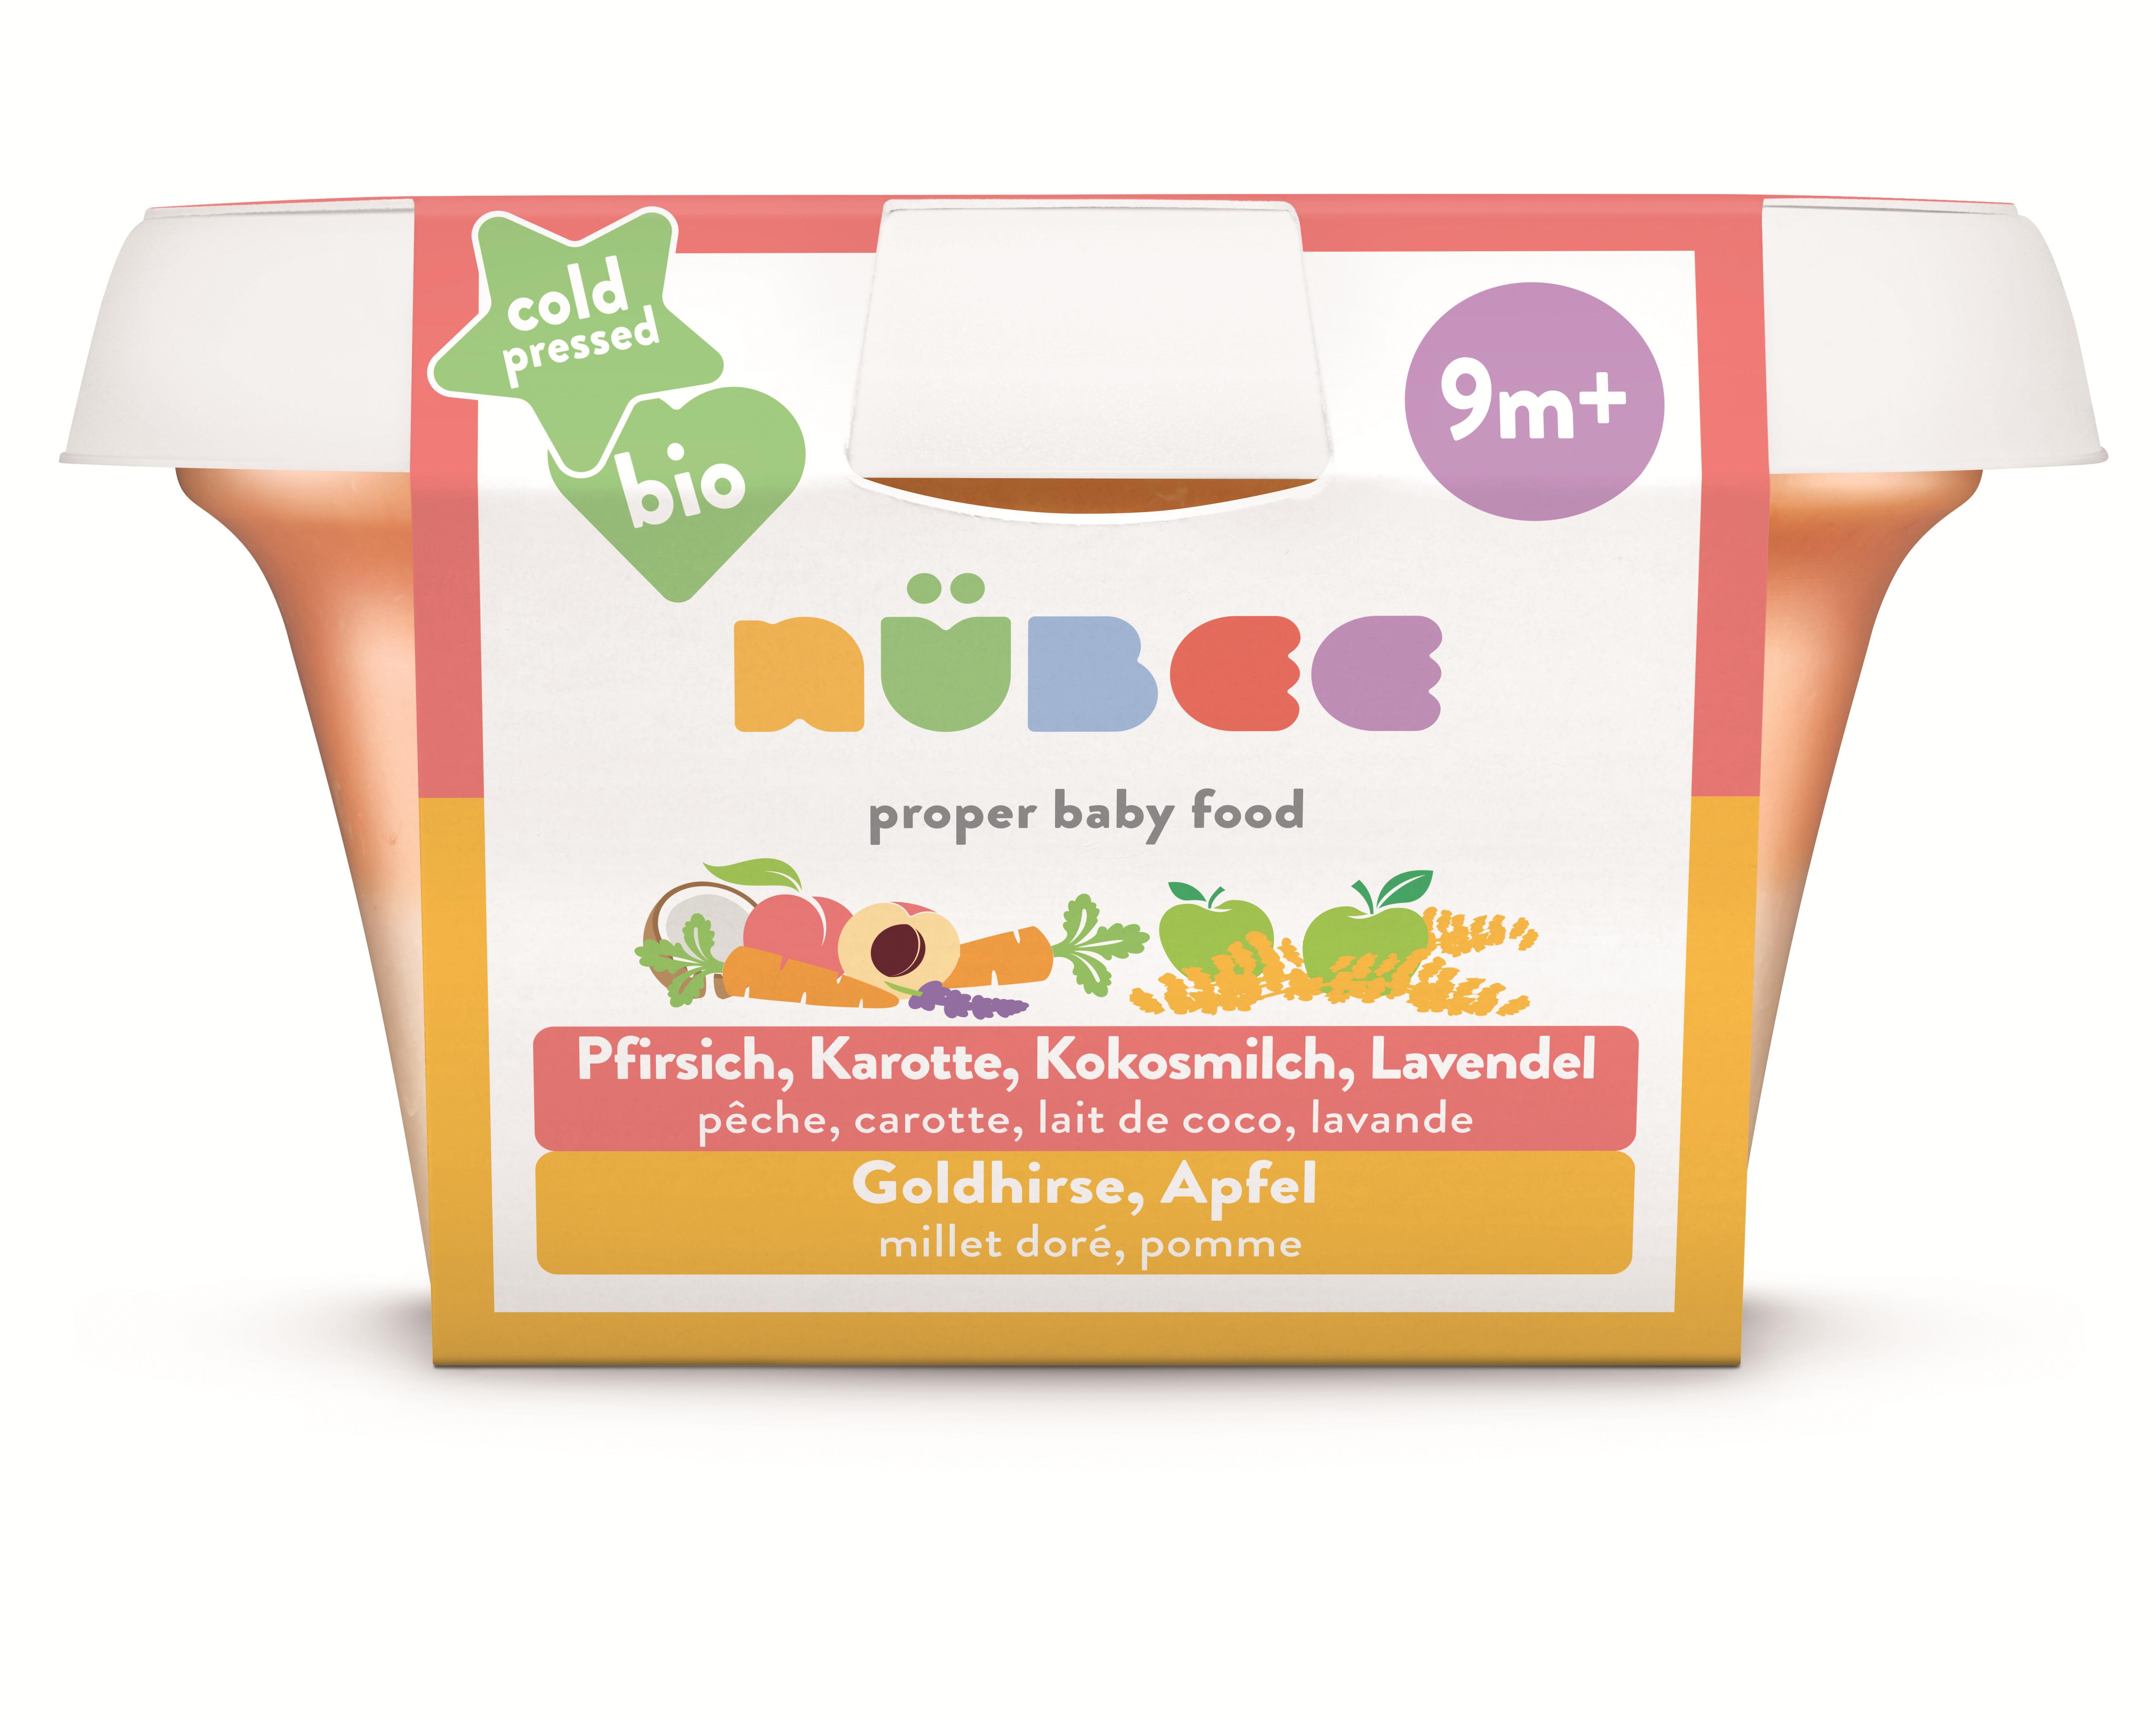 nuebee_Baby Food 9m+_Packshot1